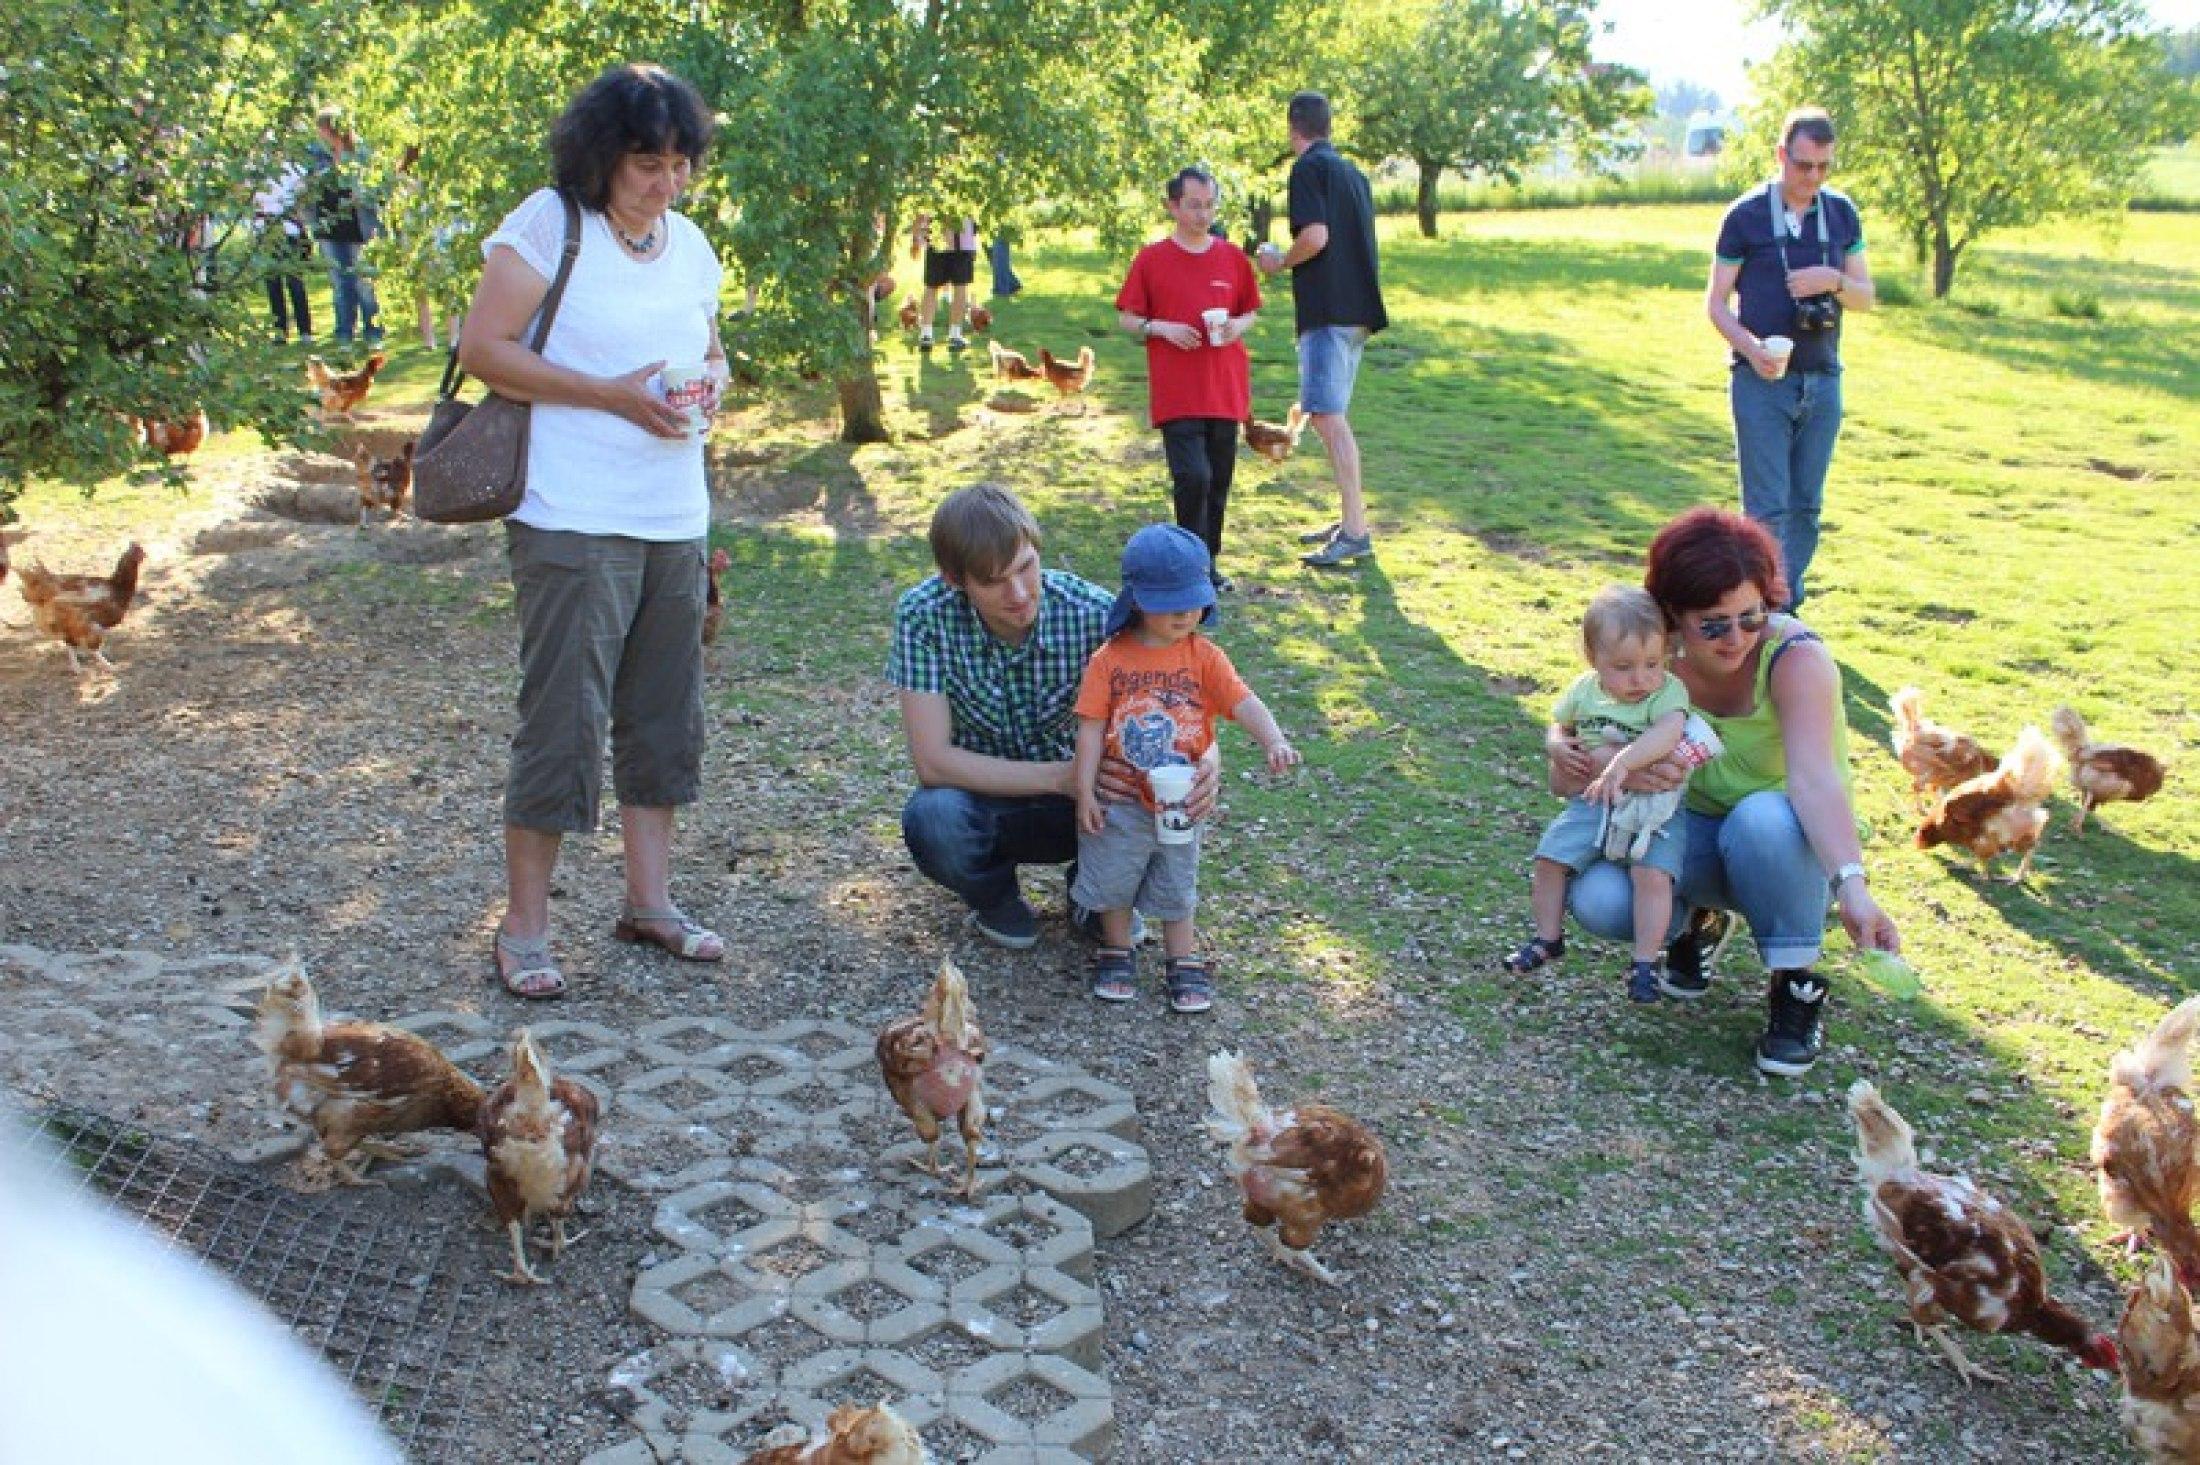 Hühnerfütterung auf dem Hof von Anton Krieger